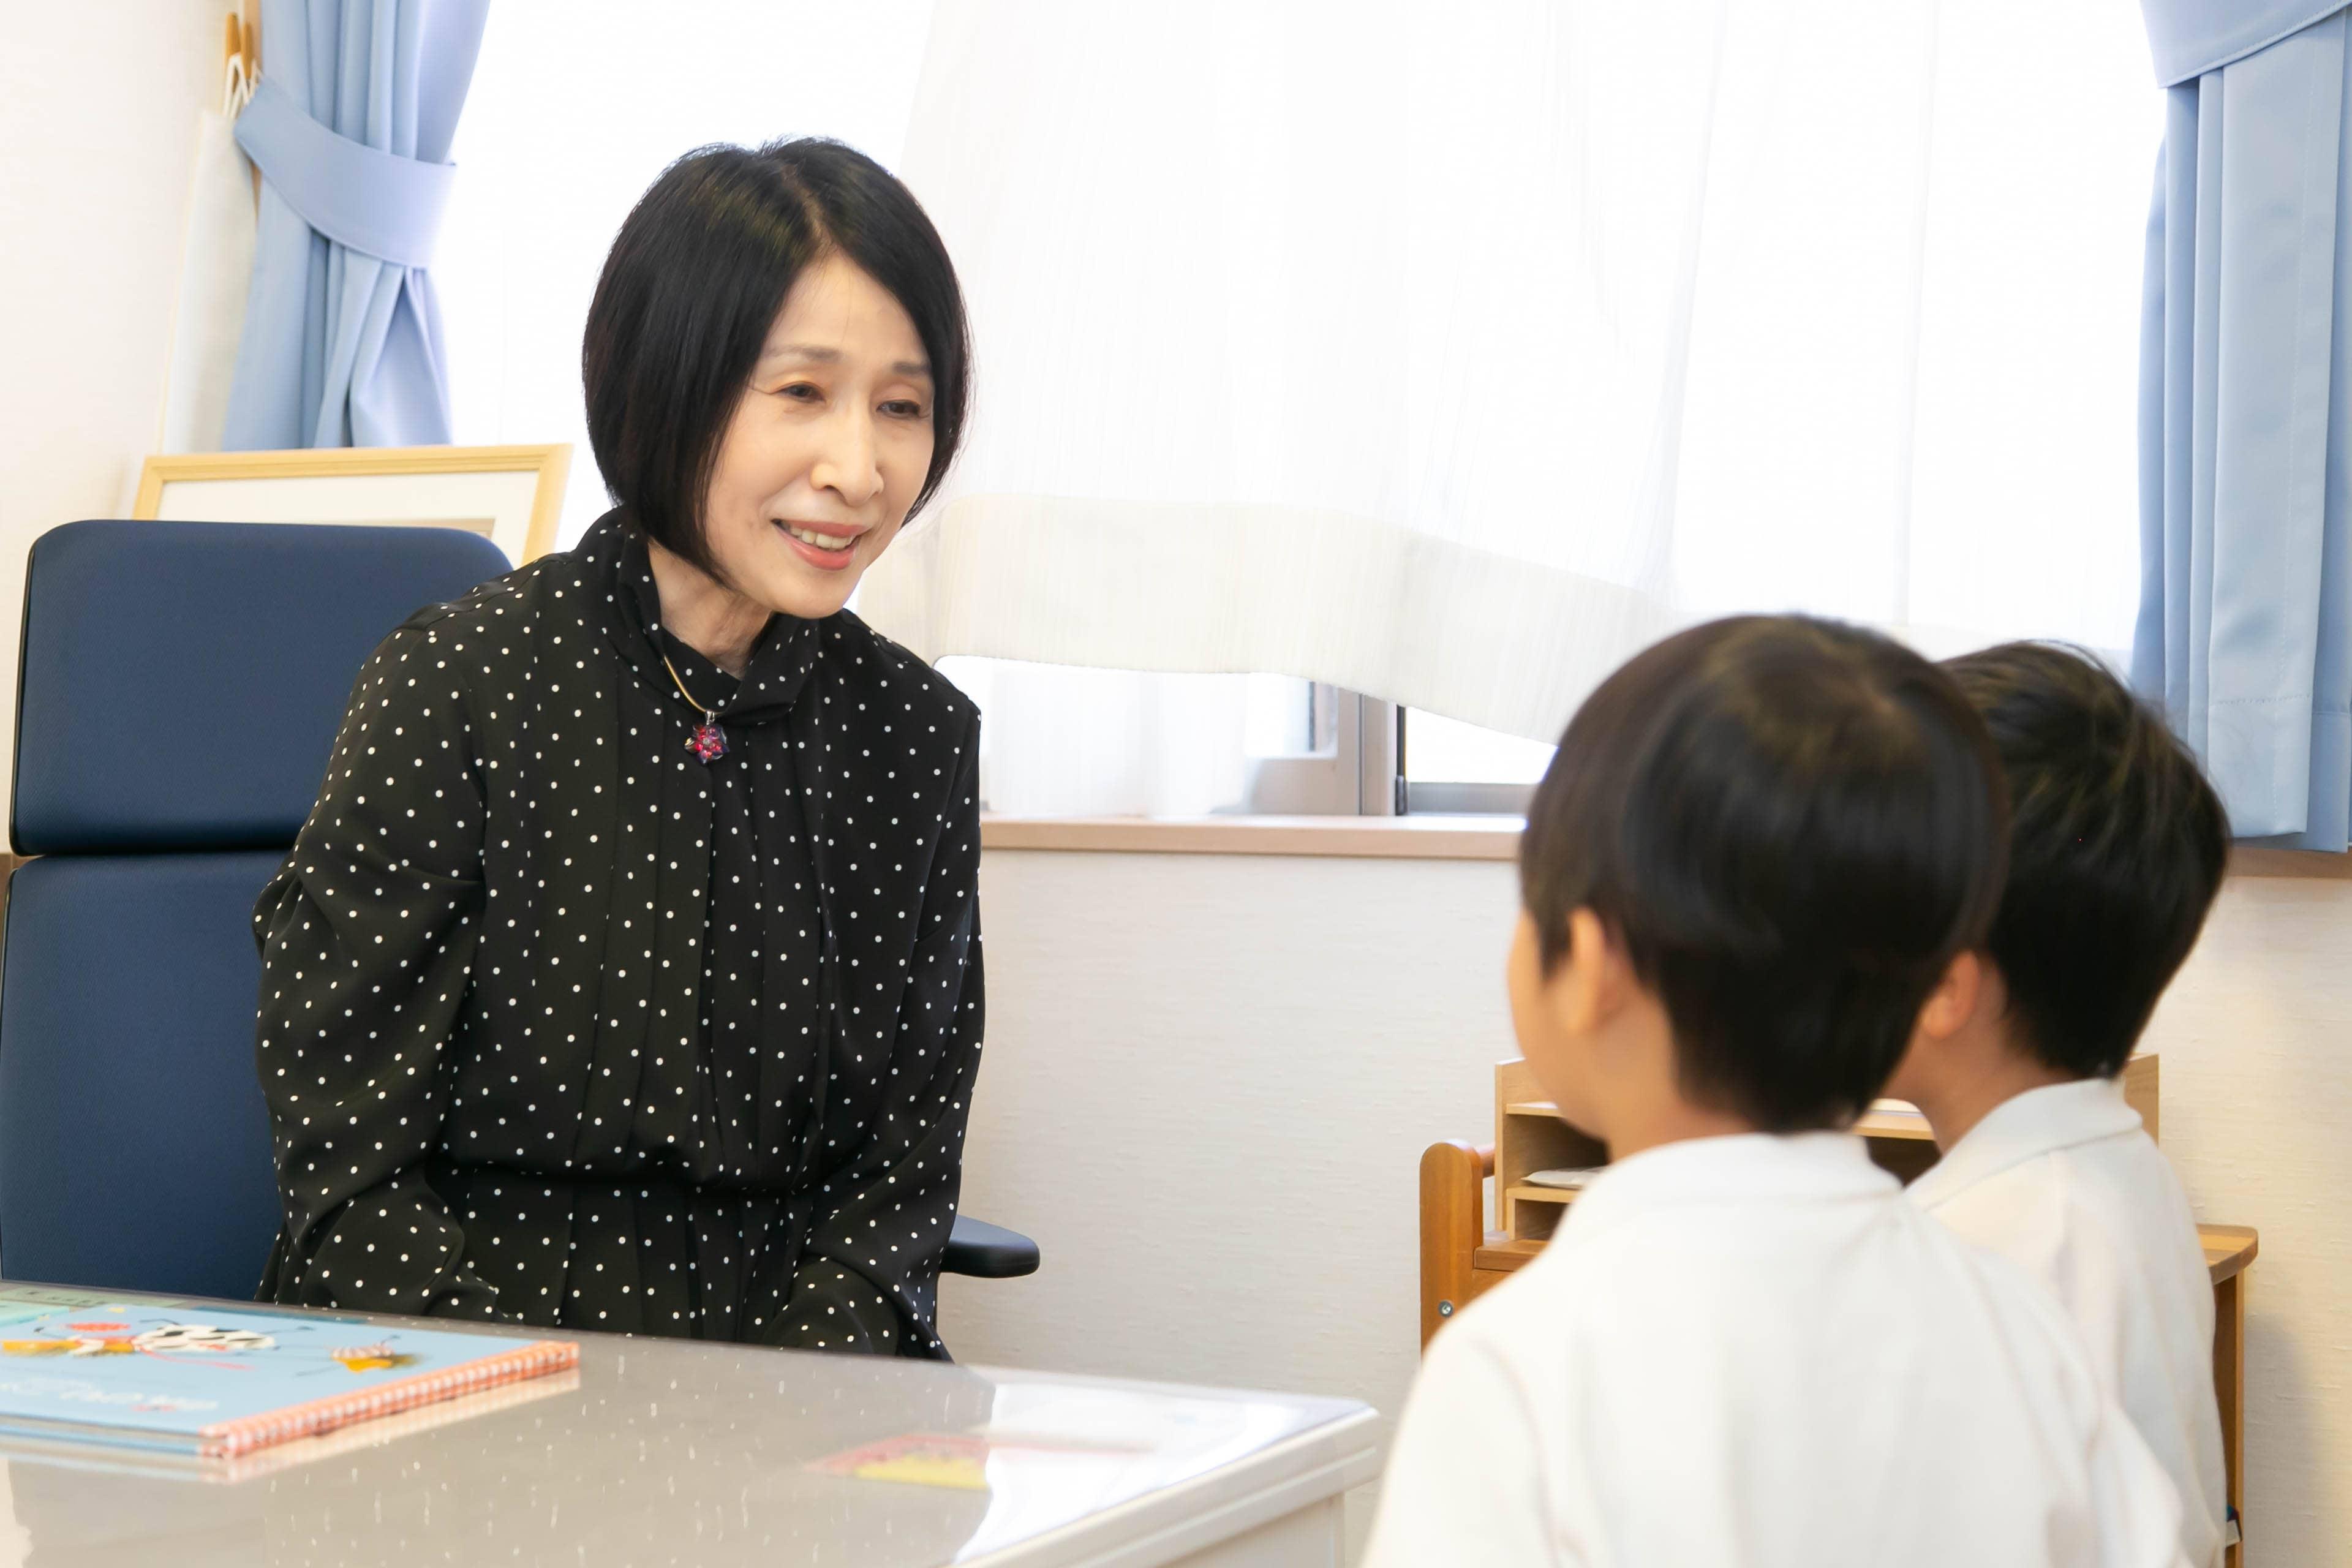 認定こども園愛宕幼稚園の園長である武田祐子の写真